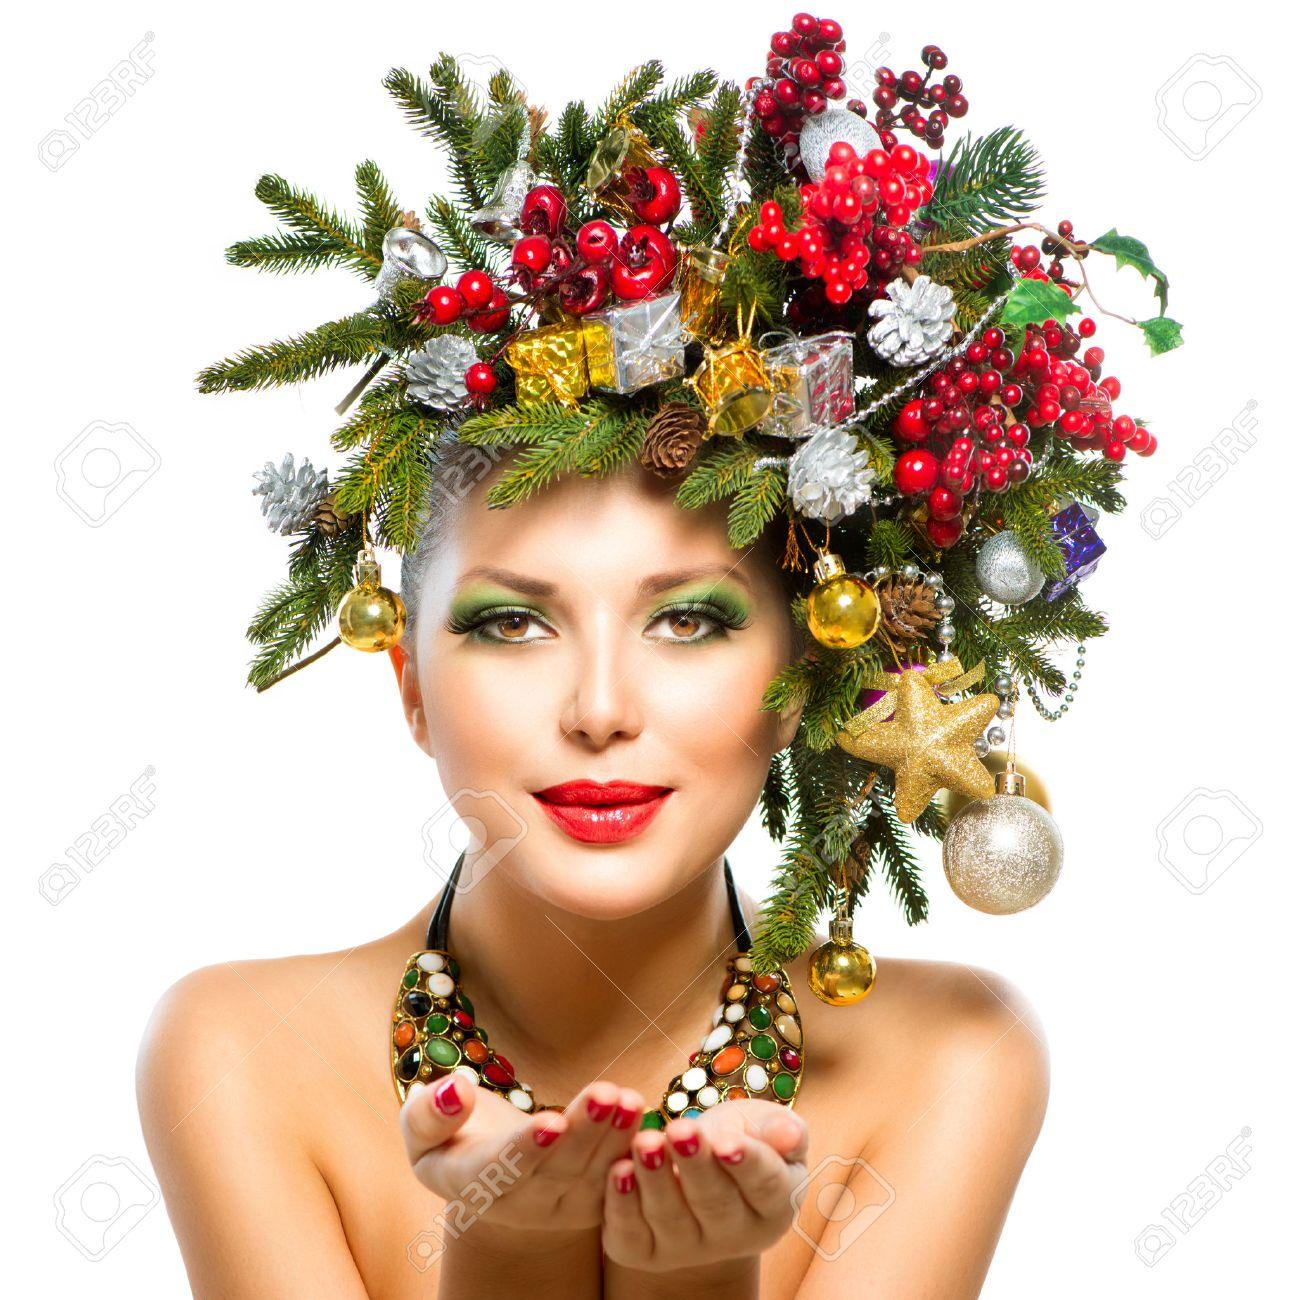 Christmas Woman Christmas Tree Holiday Hairstyle And Makeup Stock ...